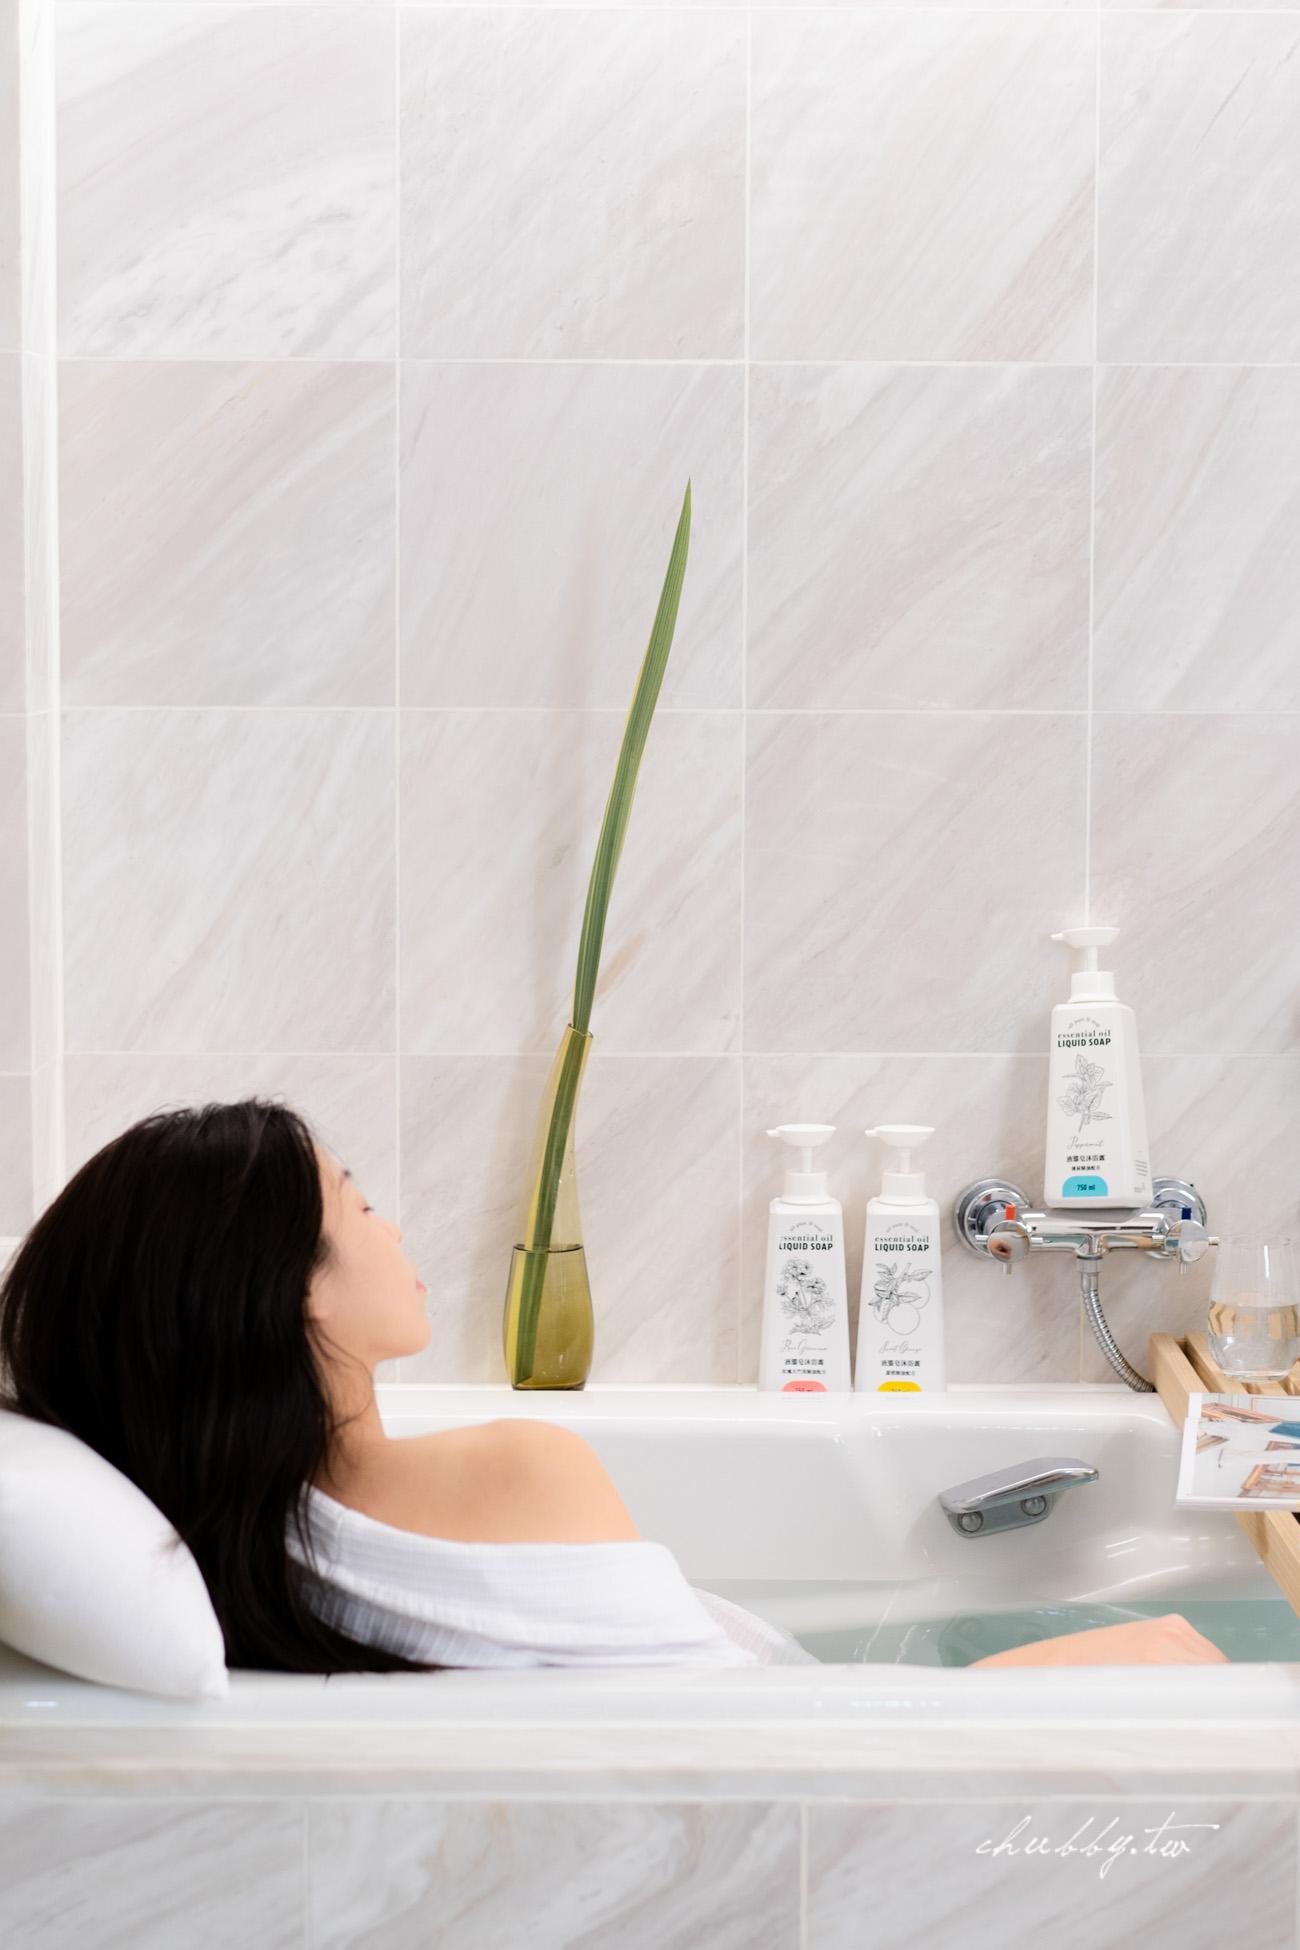 【純萃自然液態皂】好用嗎?洗出滑溜會呼吸的柔嫩肌,從沐浴就開始保養的秘密!